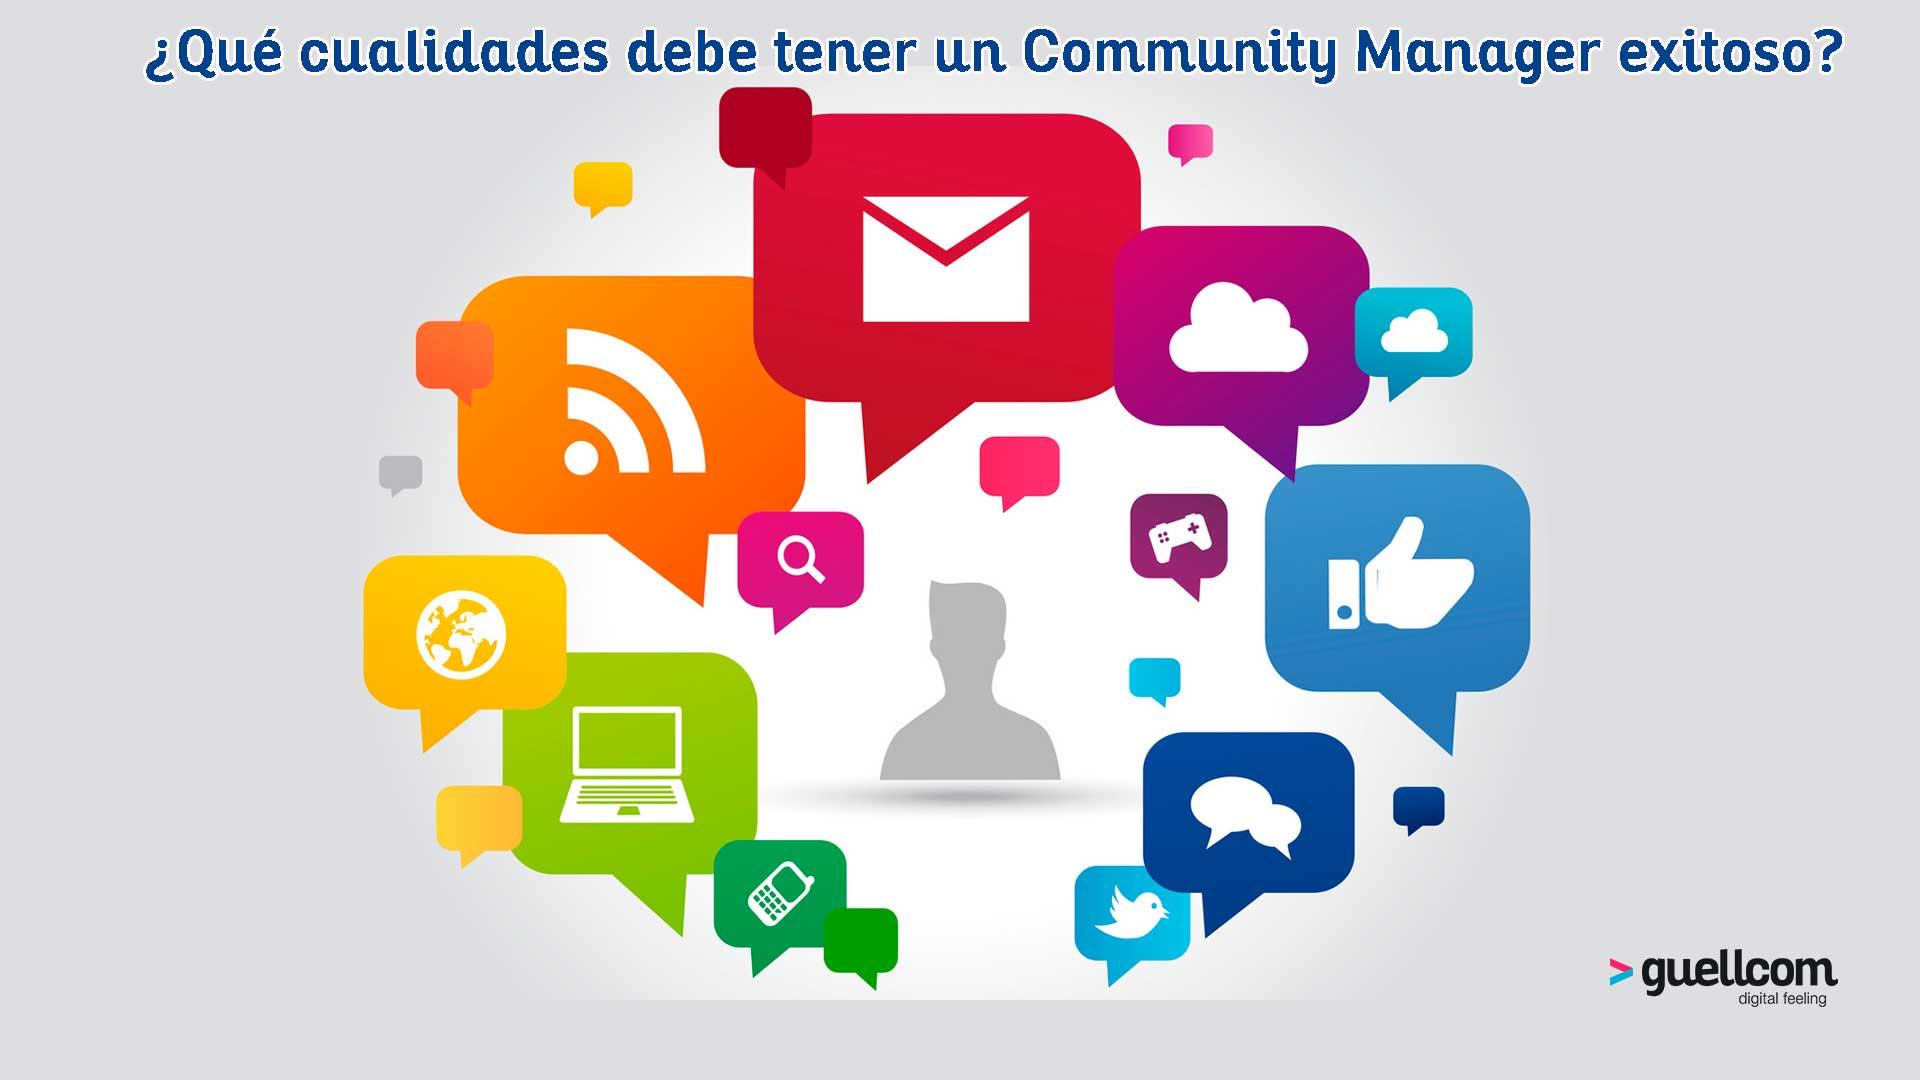 ¿Qué cualidades debe tener un Community Manager exitoso?